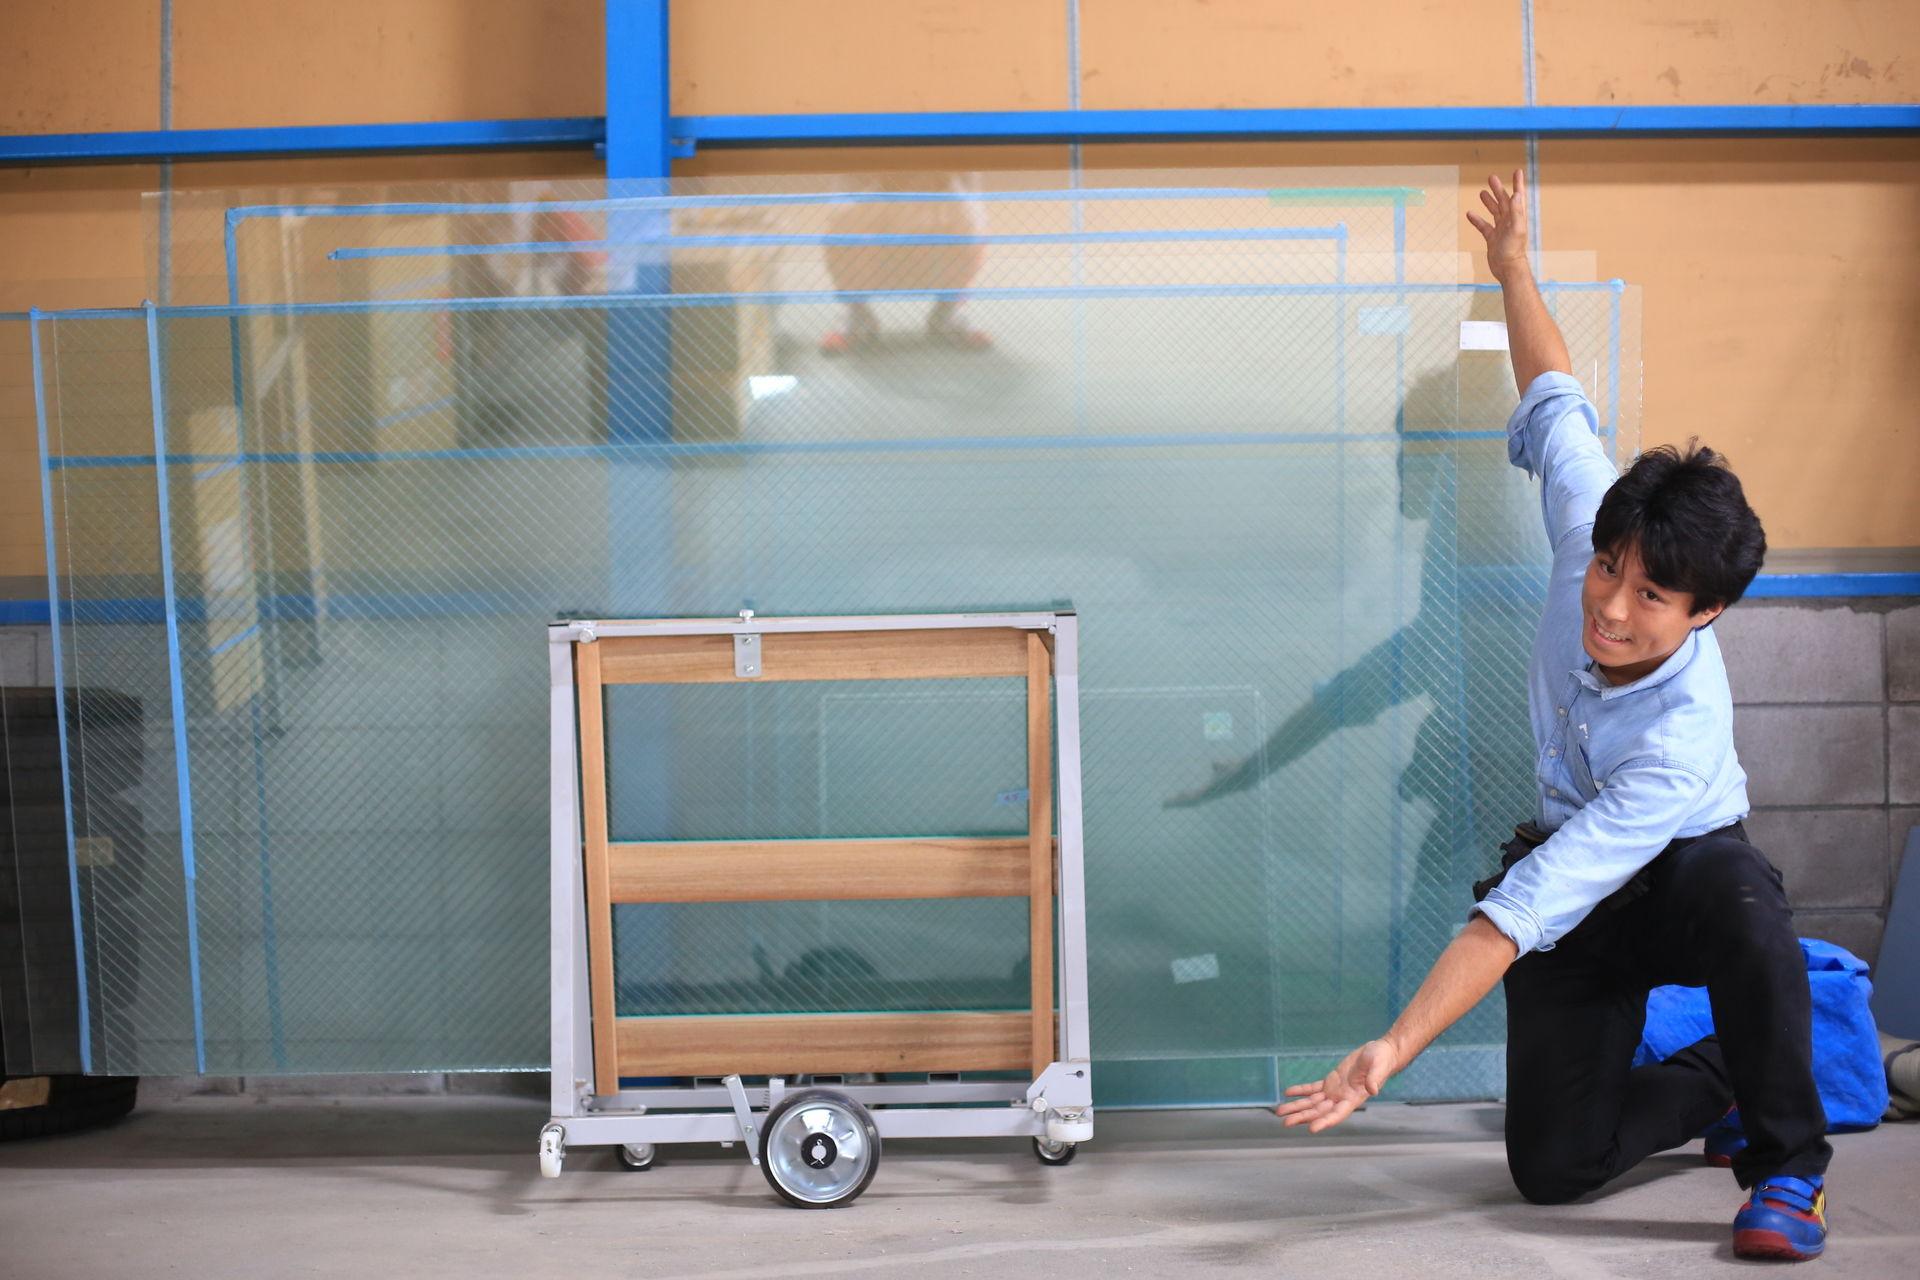 ガラスのトラブル救急車【浦安市 出張エリア】の店内・外観画像2